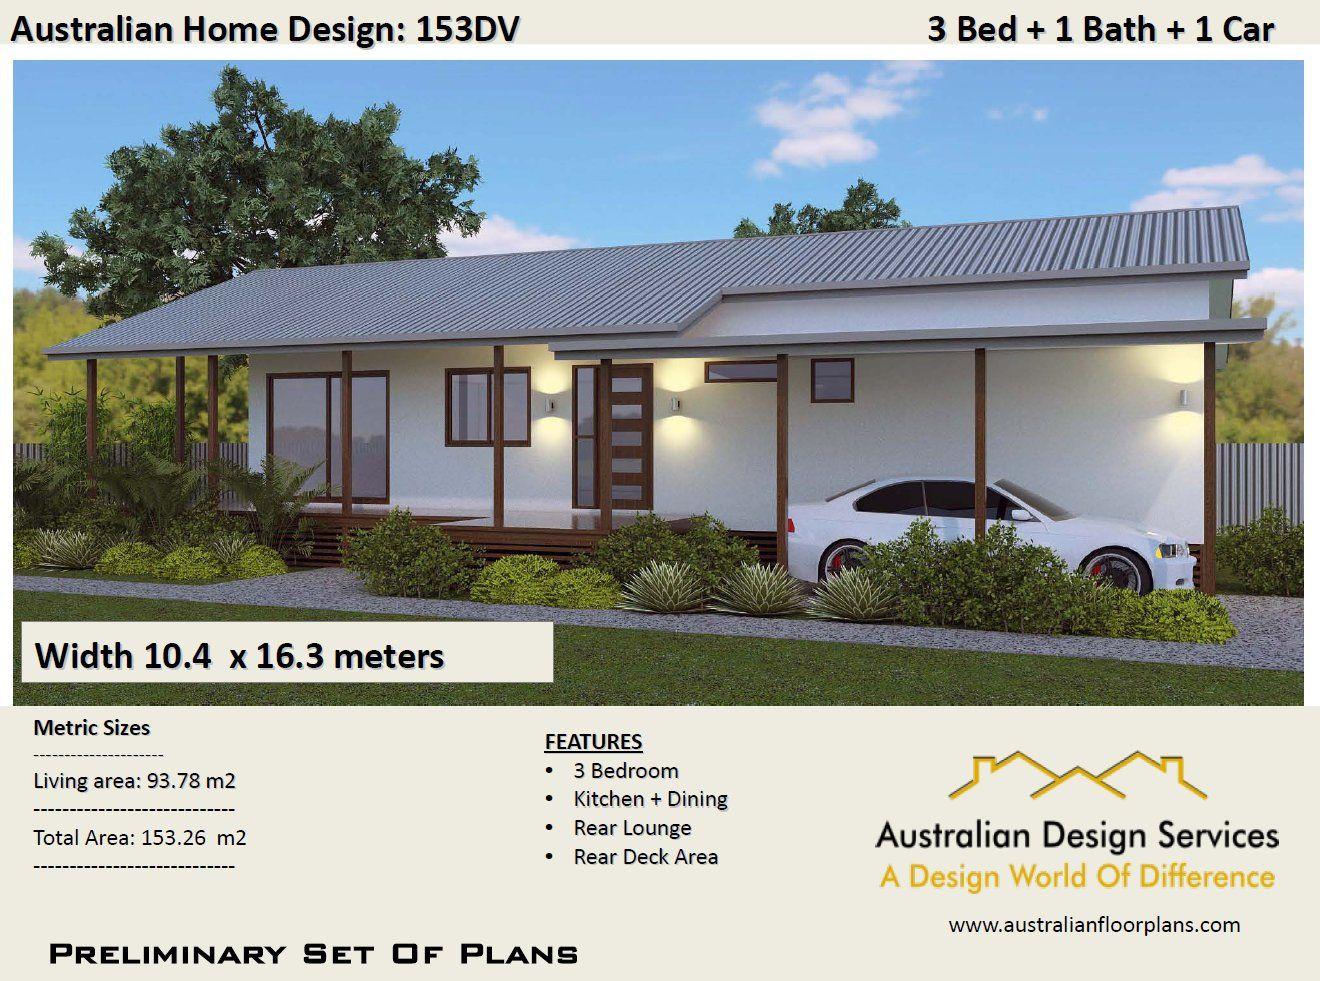 3 Bedroom Timber Floor 153 M2 3 Bedrooms On Stumps Plans Etsy House Plans For Sale House Plans Bedroom Floor Plans